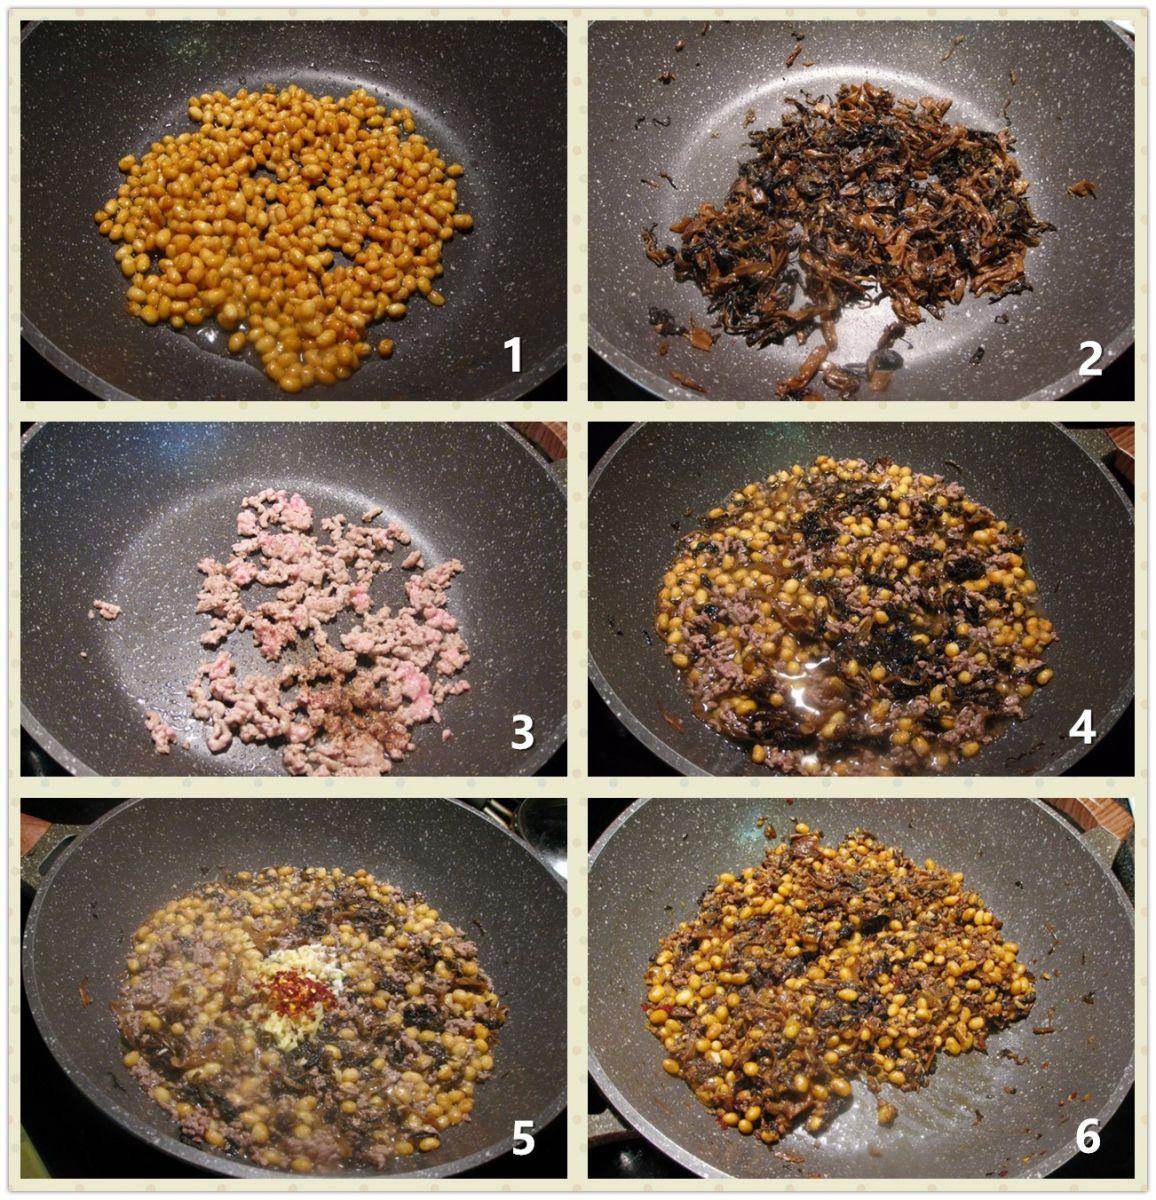 牛肉末梅菜焖黄豆_图1-2